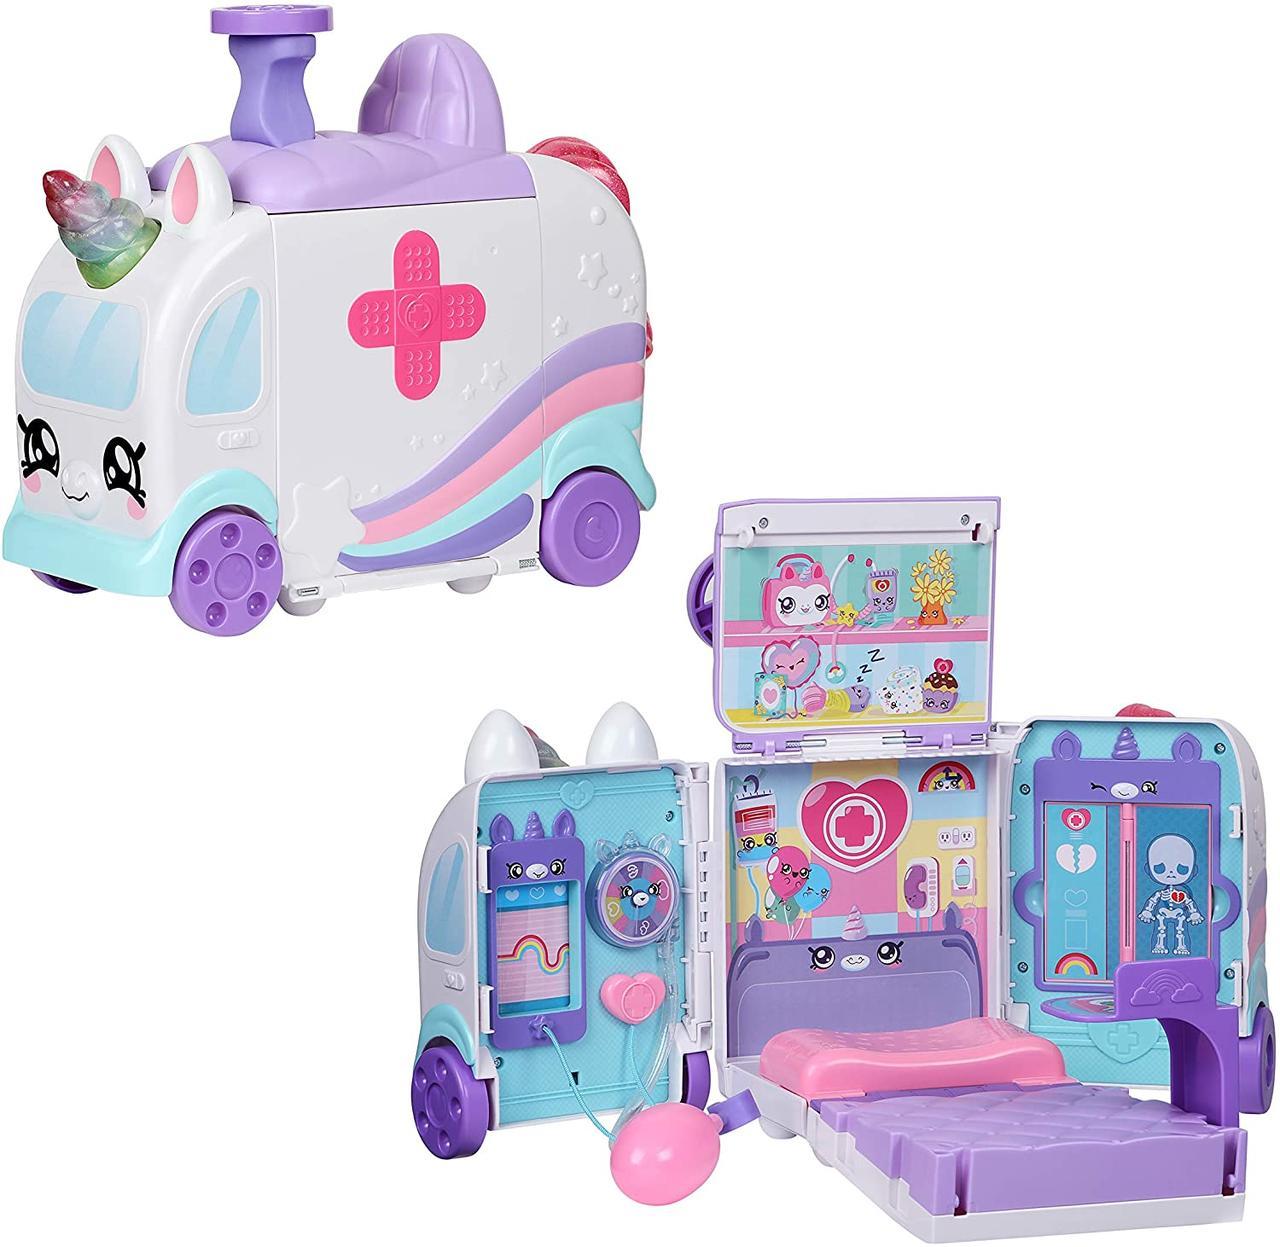 Ігровий набір Кінді Кідс Швидка допомога, лікарня Kindi Kids Hospital Corner - Unicorn Ambulance 50040